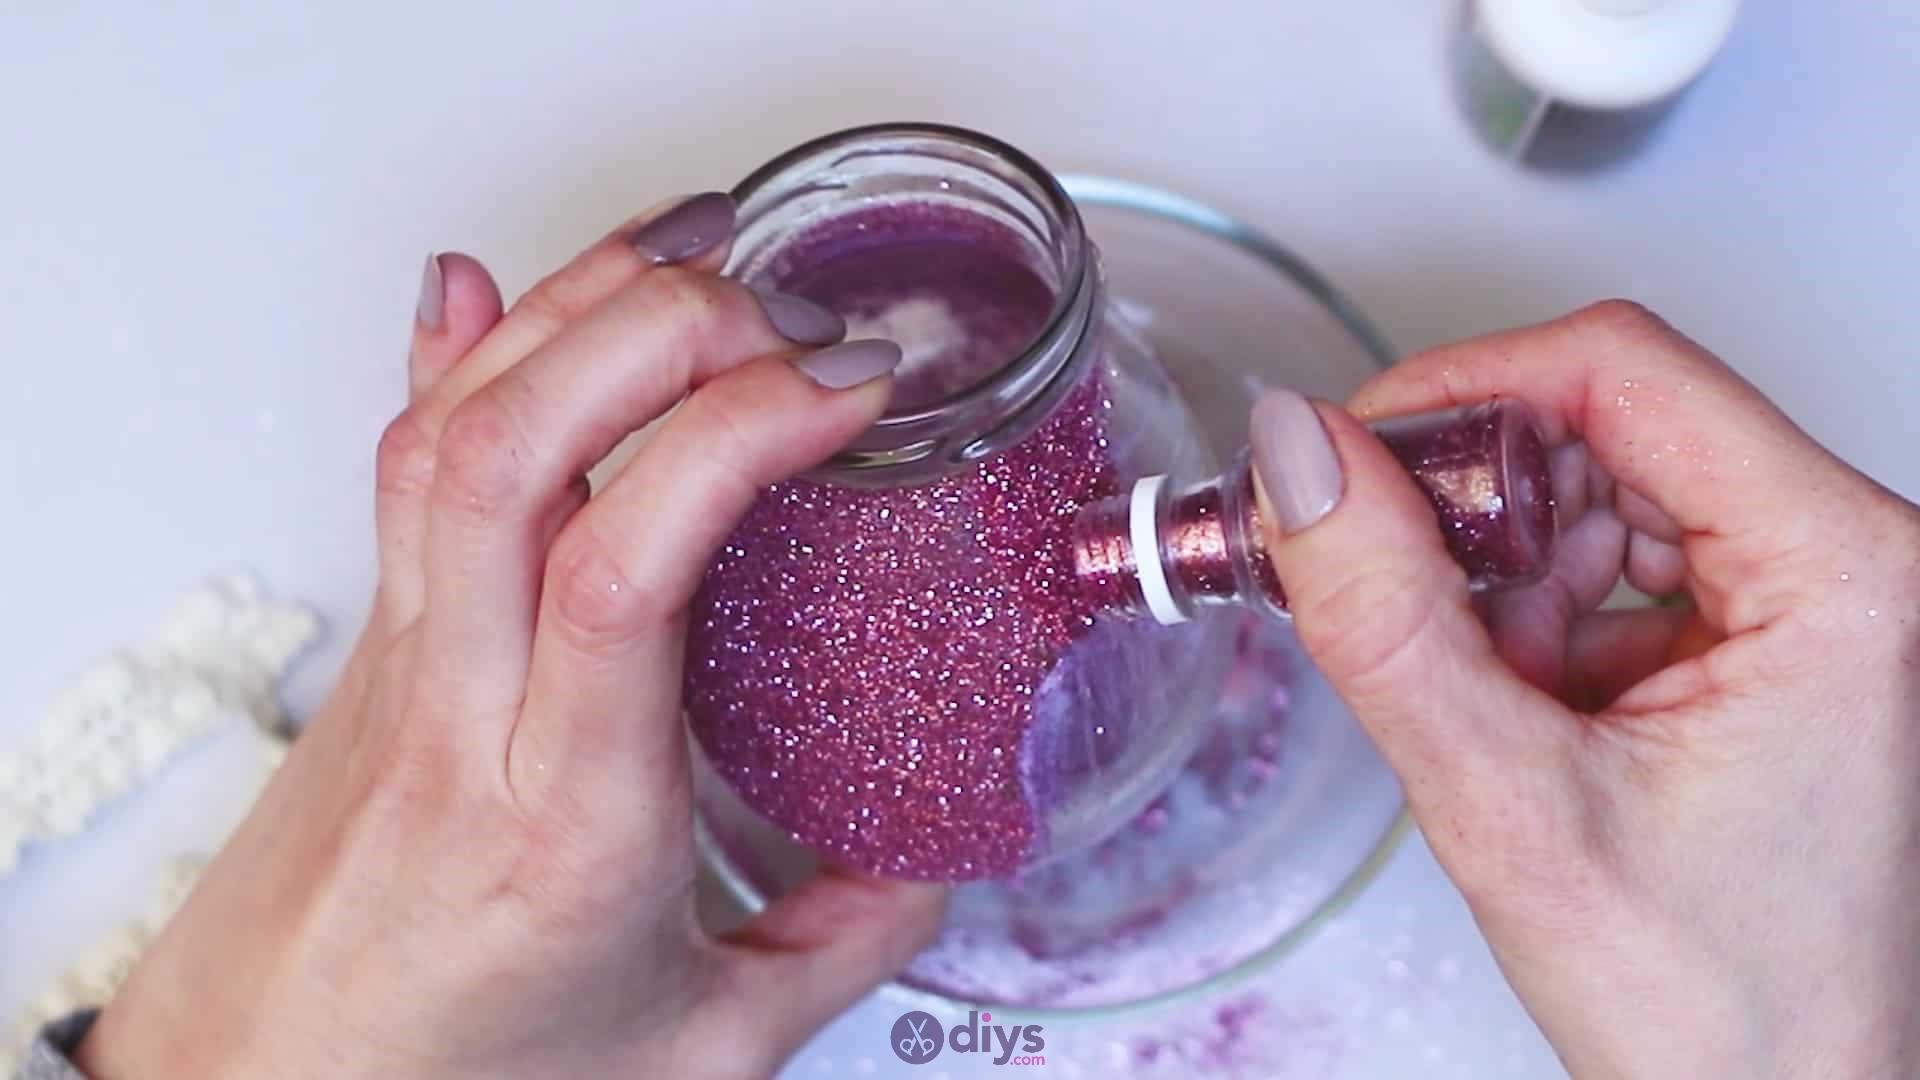 Diy flower glitter vase from glass jars step 6g